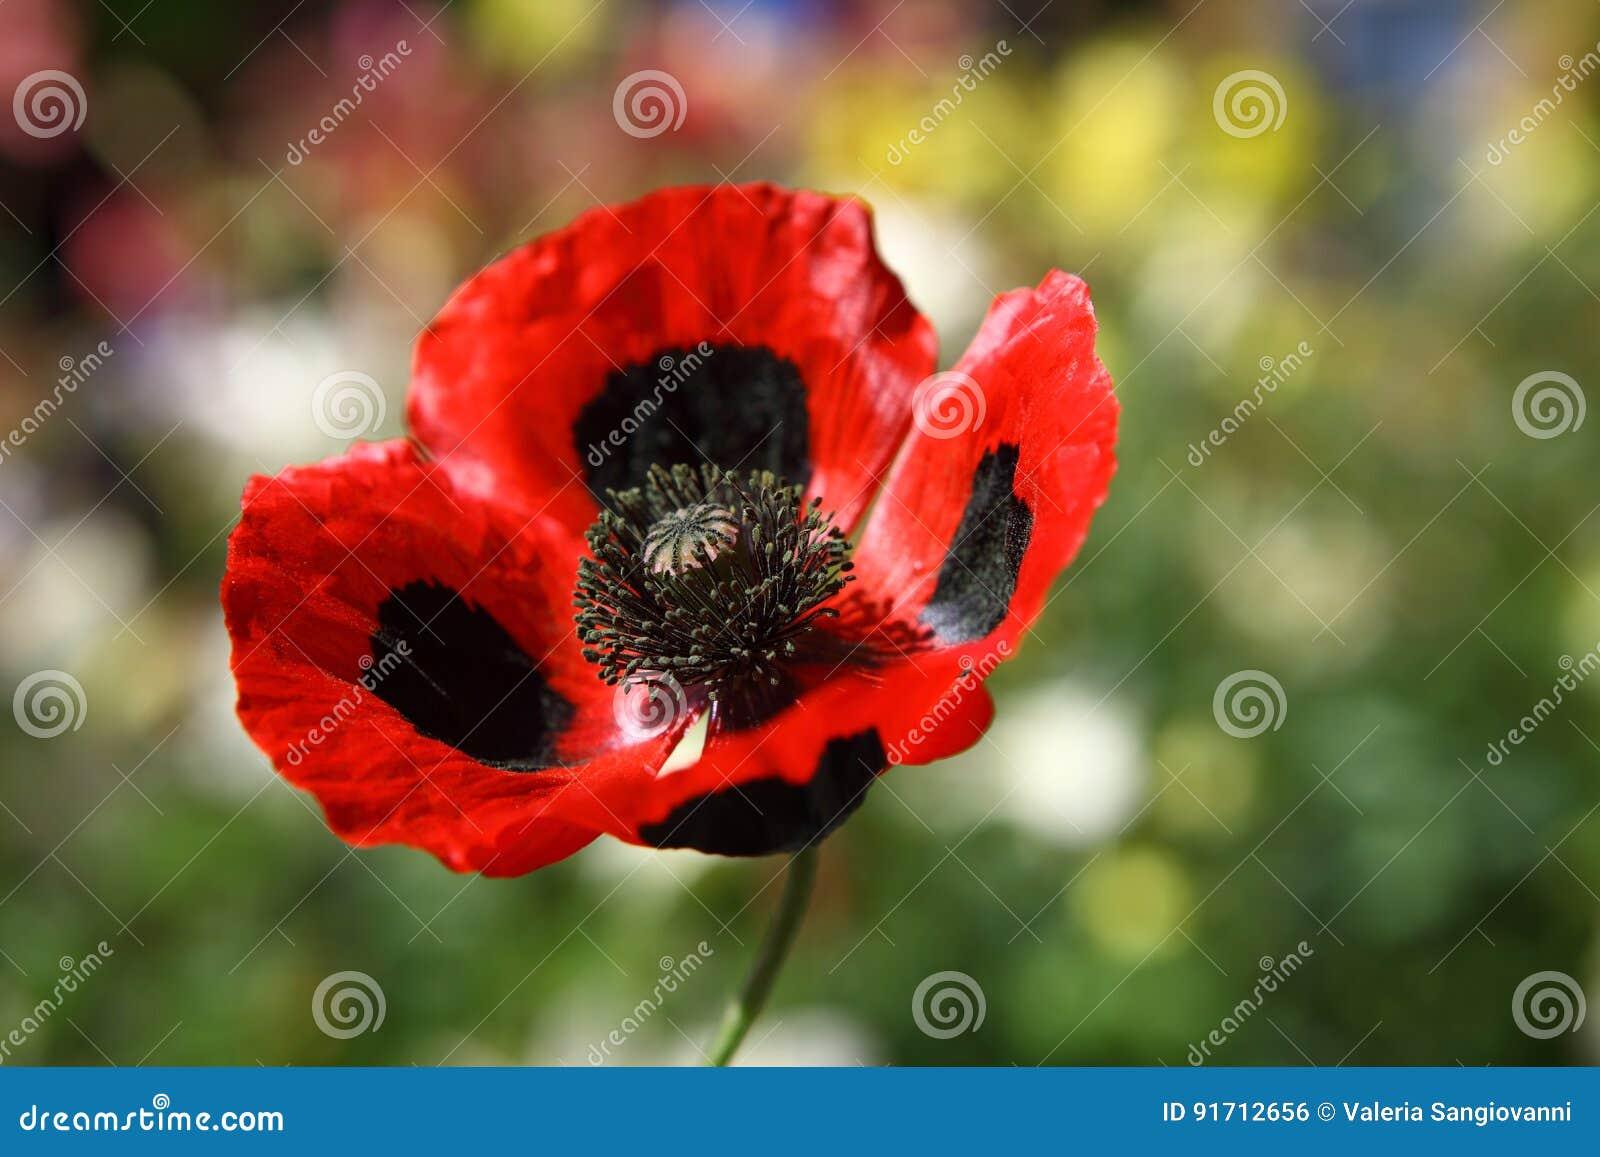 Big red and black poppy flower stock photo image of horticulture big red and black poppy flower mightylinksfo